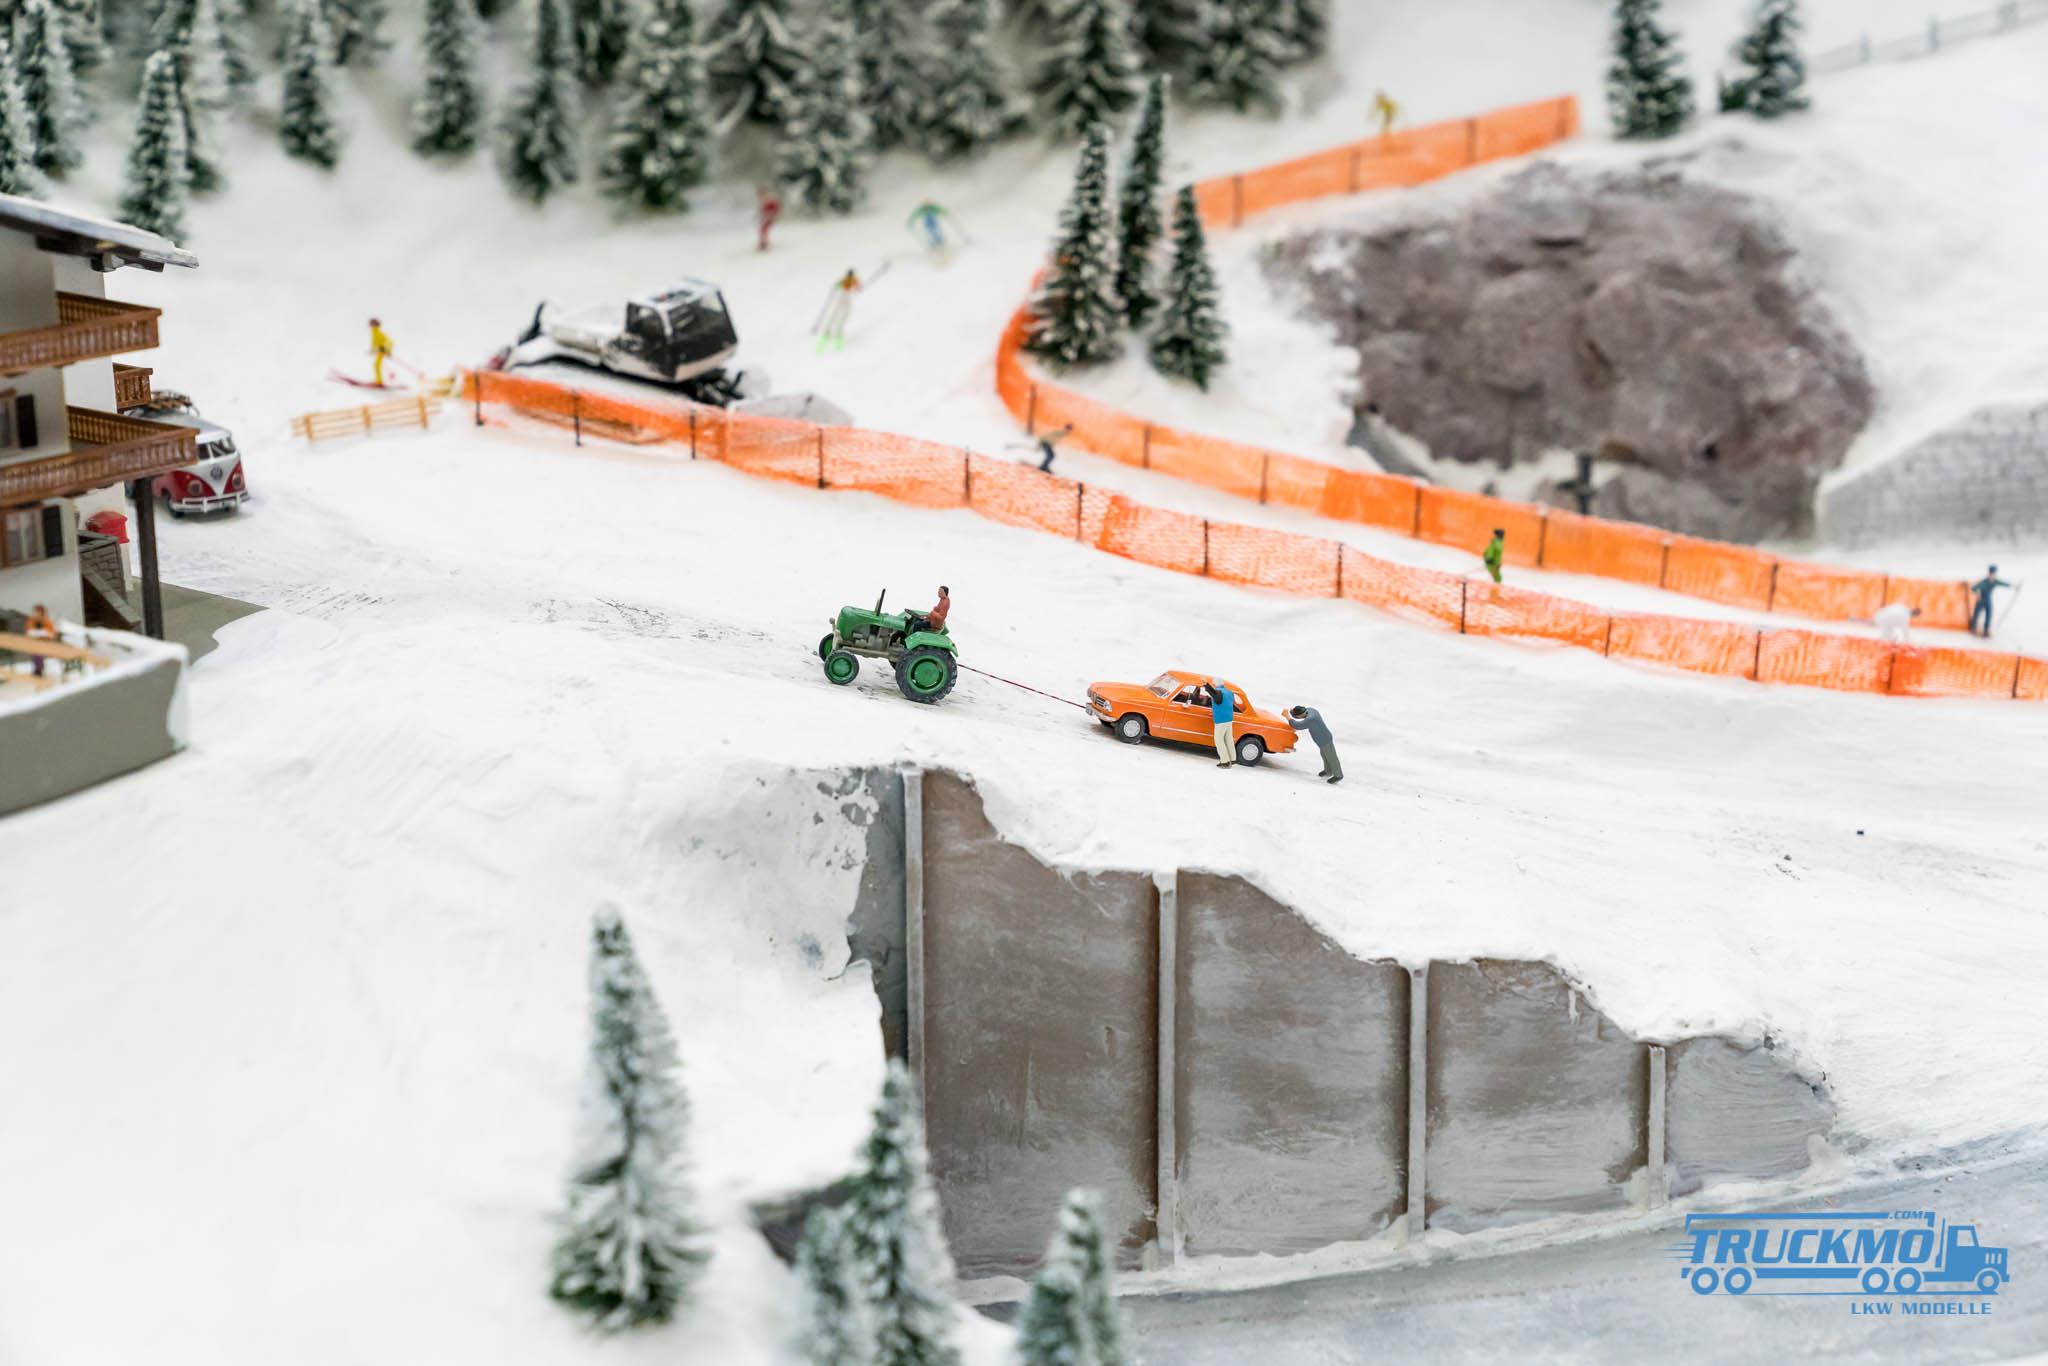 Truckmo_Modellbau_Ried_2017_Herpa_Messe_Modellbauausstellung (84 von 1177)